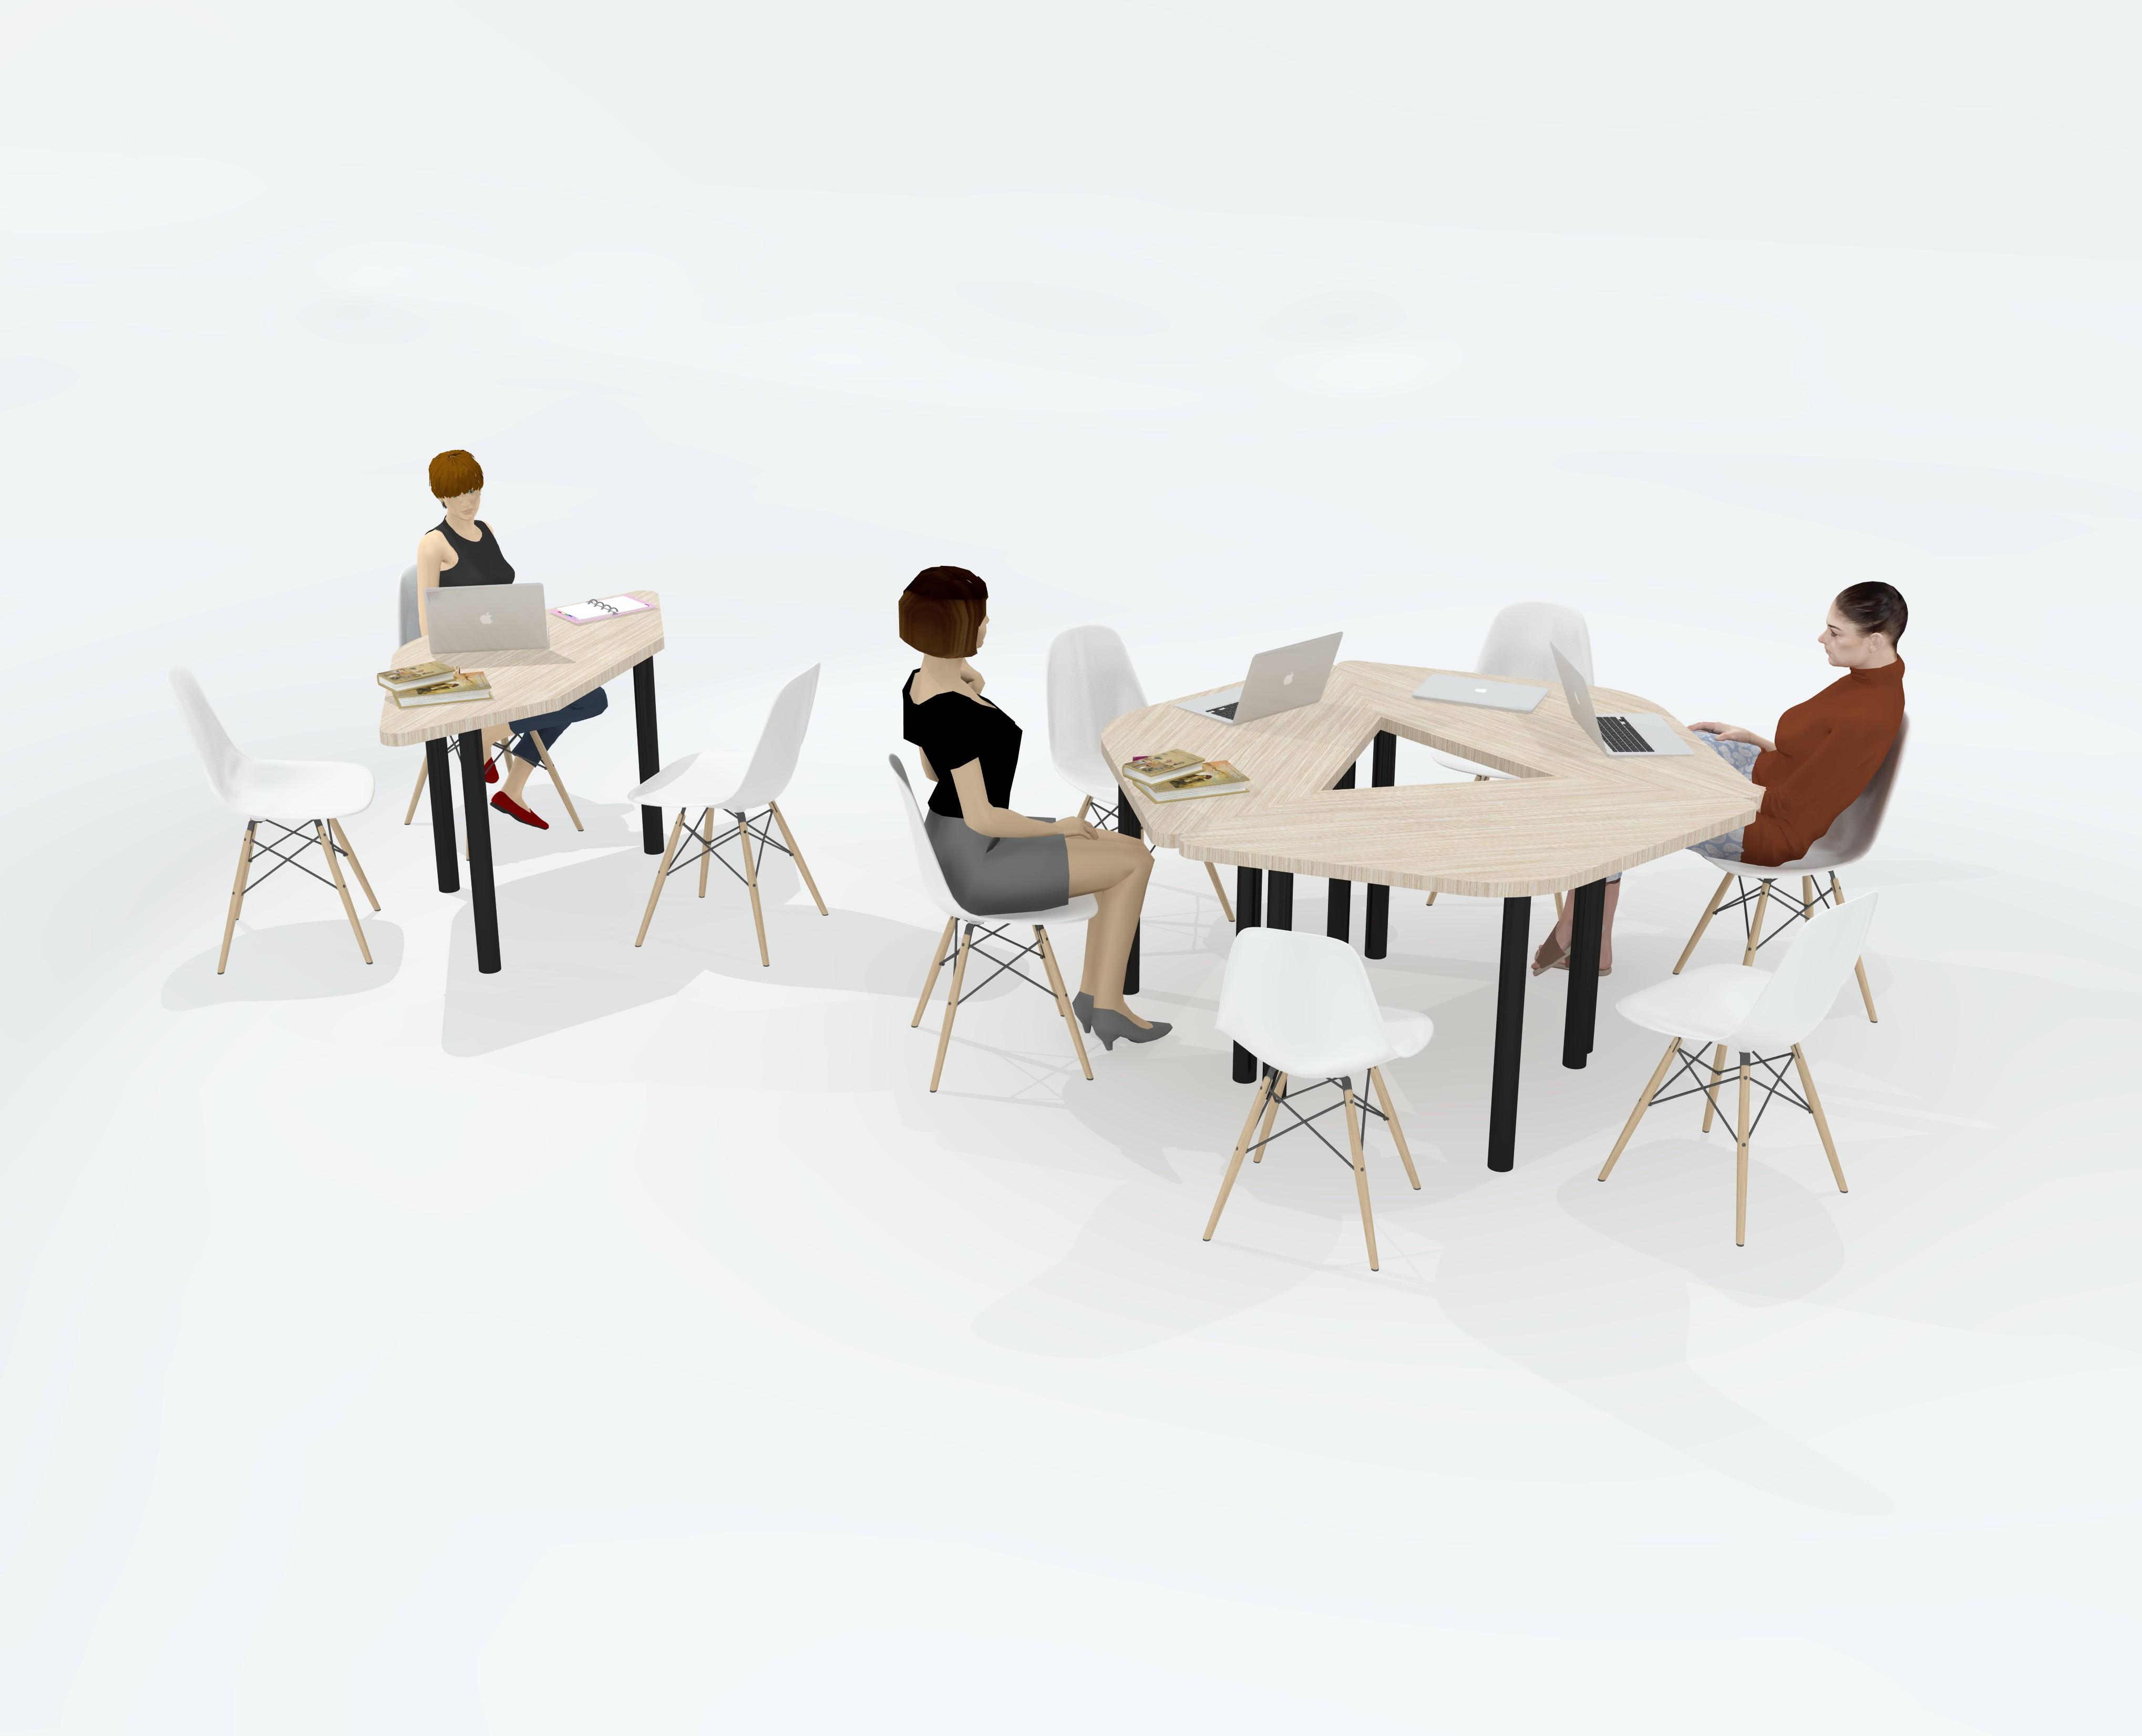 六角桌改圓桌角-20180105 2018-01-05 19201900000.jpg